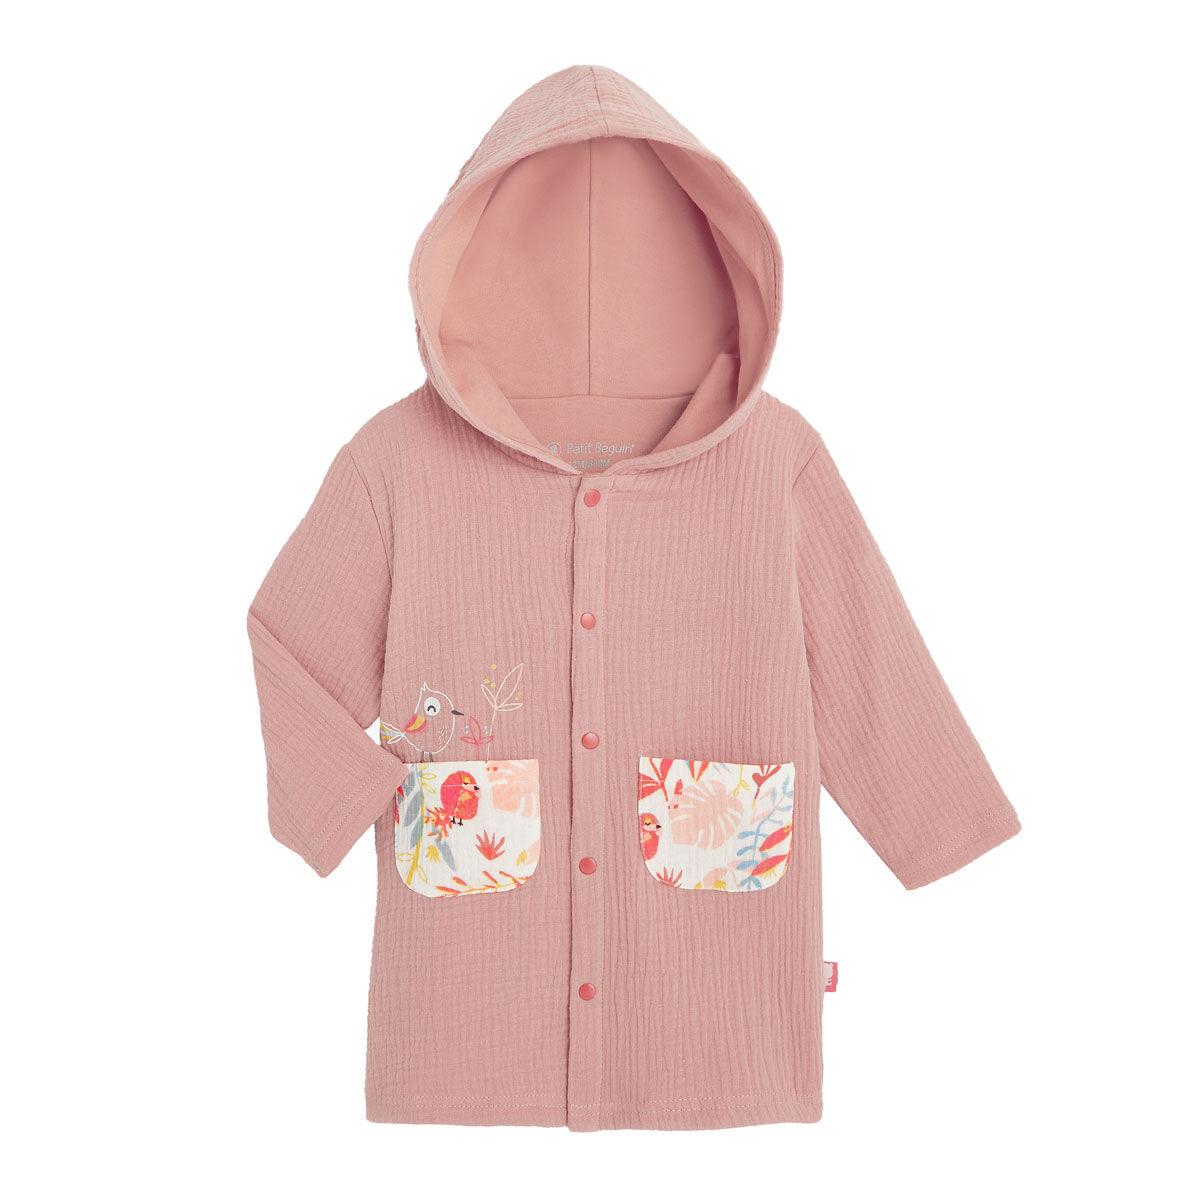 Petit Béguin Robe de chambre doublée bébé fille Tropic - Taille - 24 mois